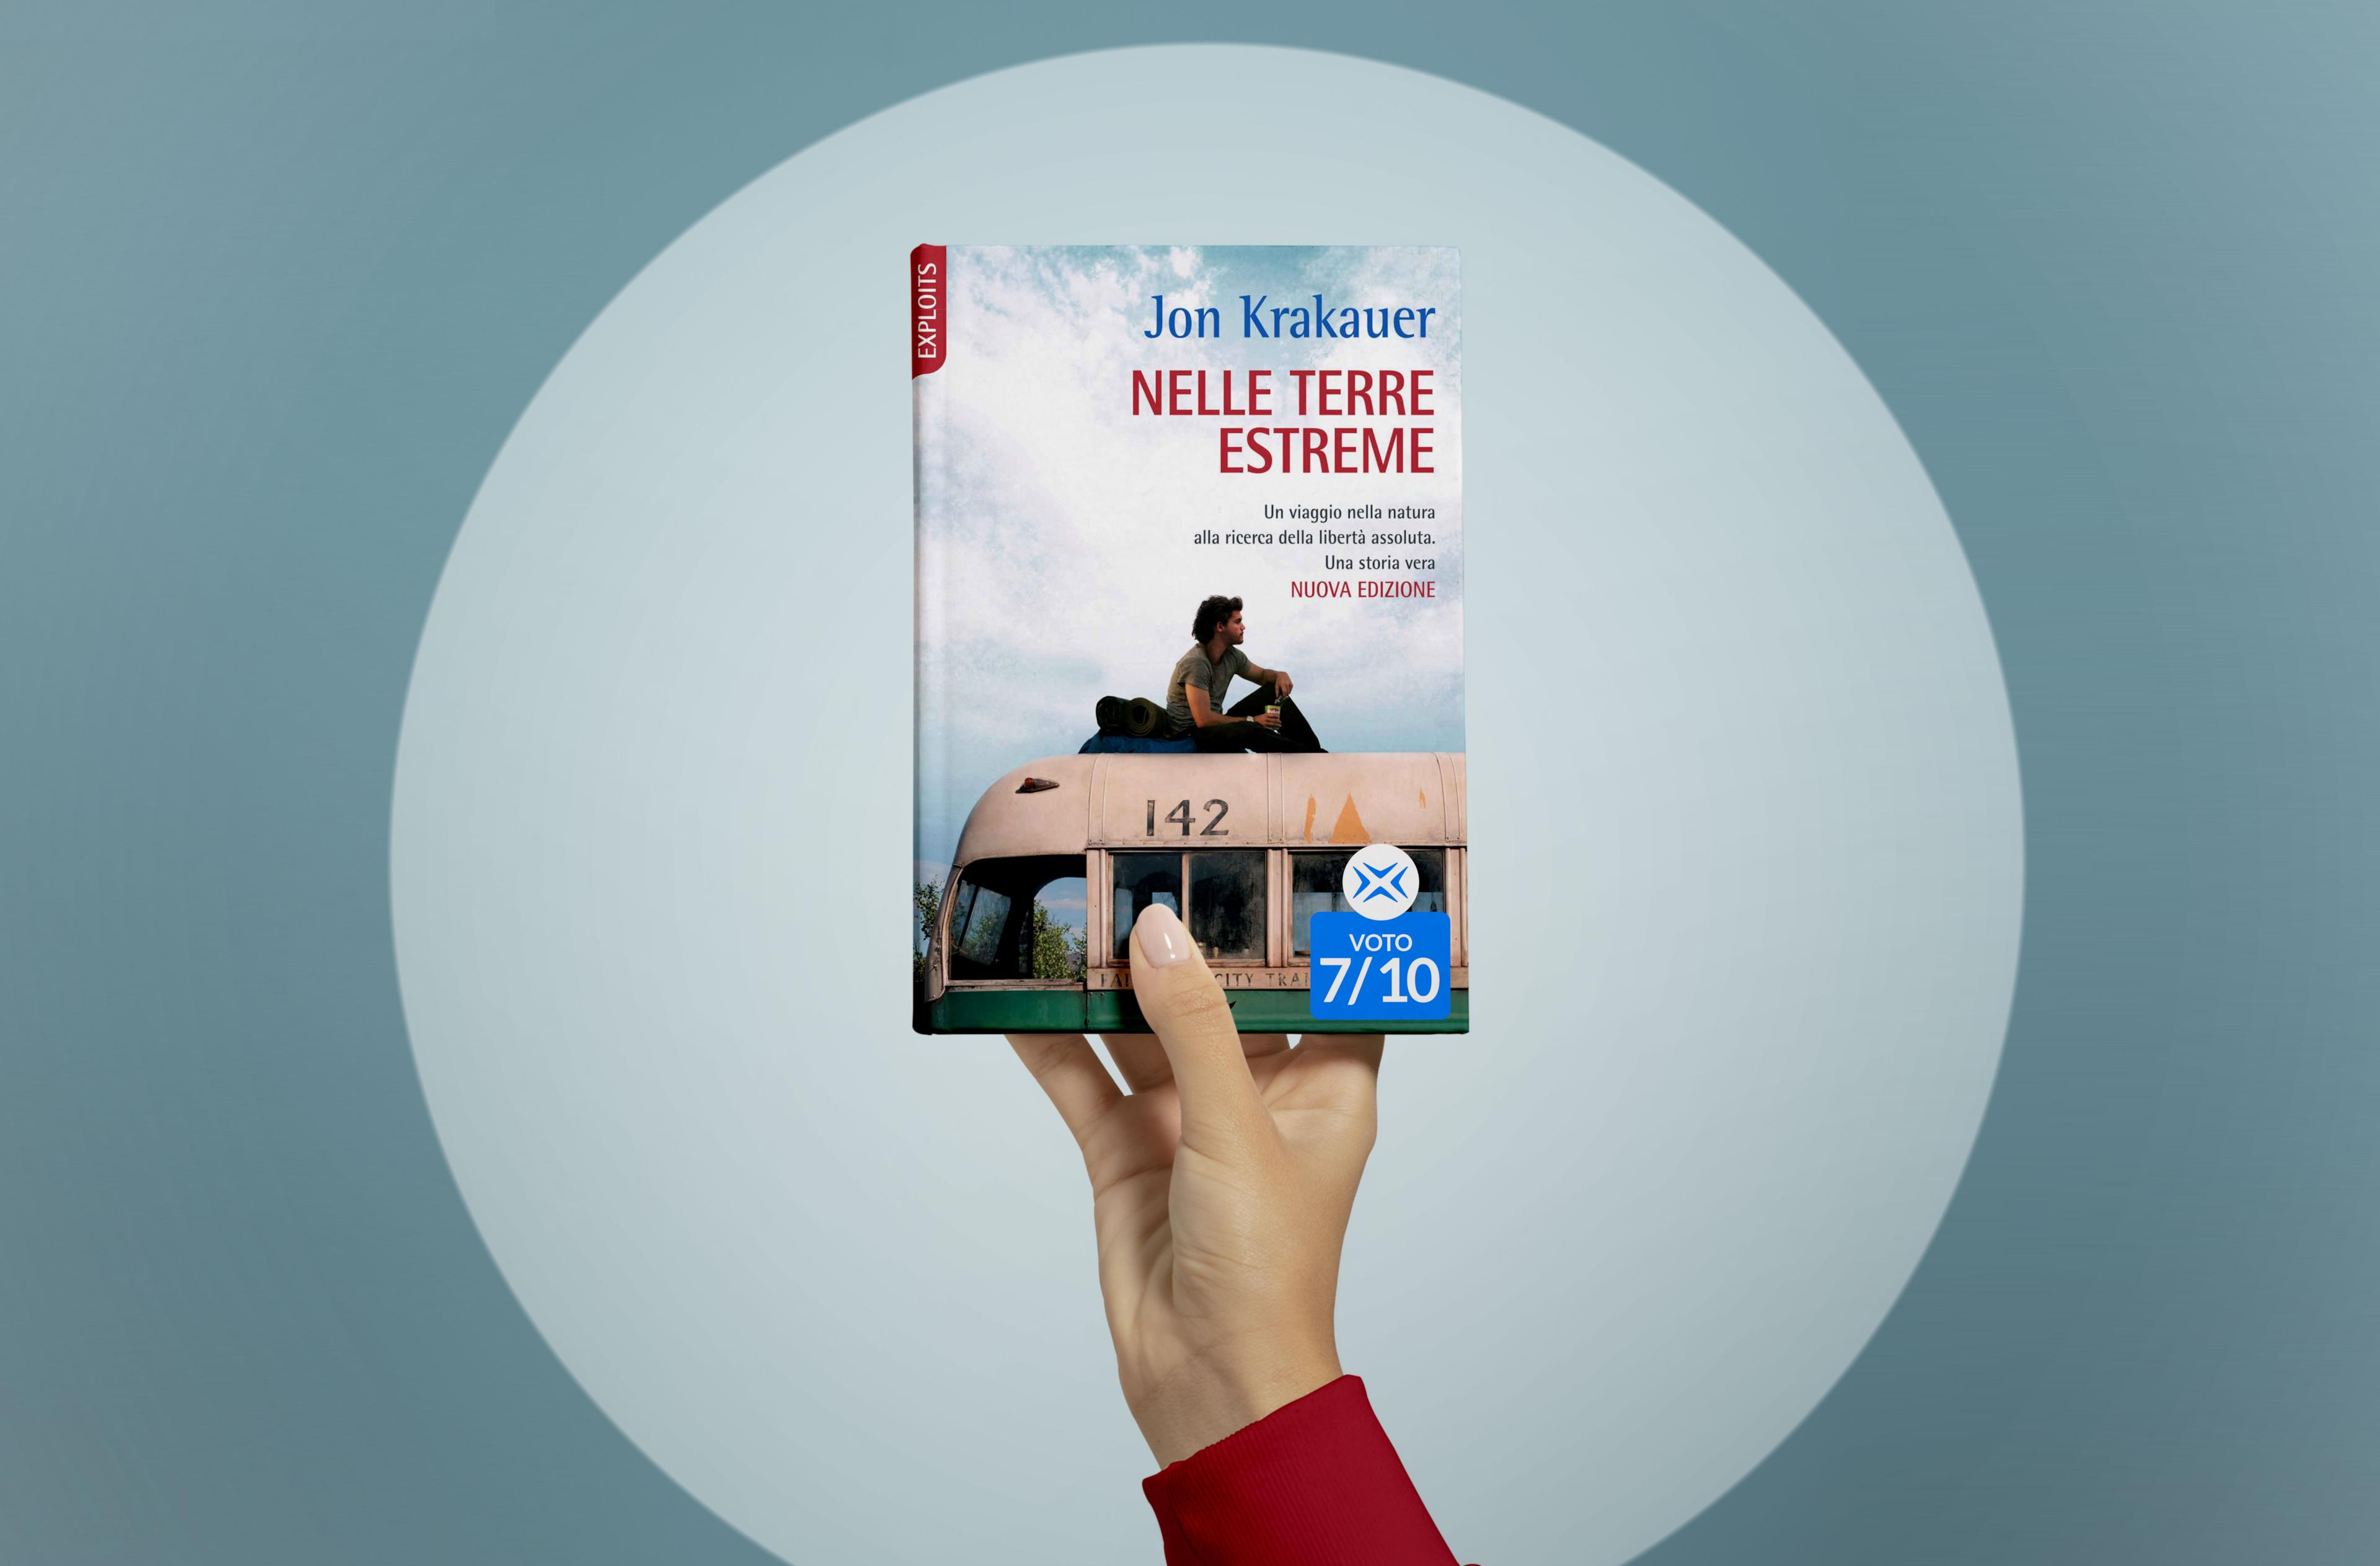 Nelle terre estreme: il libro di Jon Krakauer su Chris McCandless